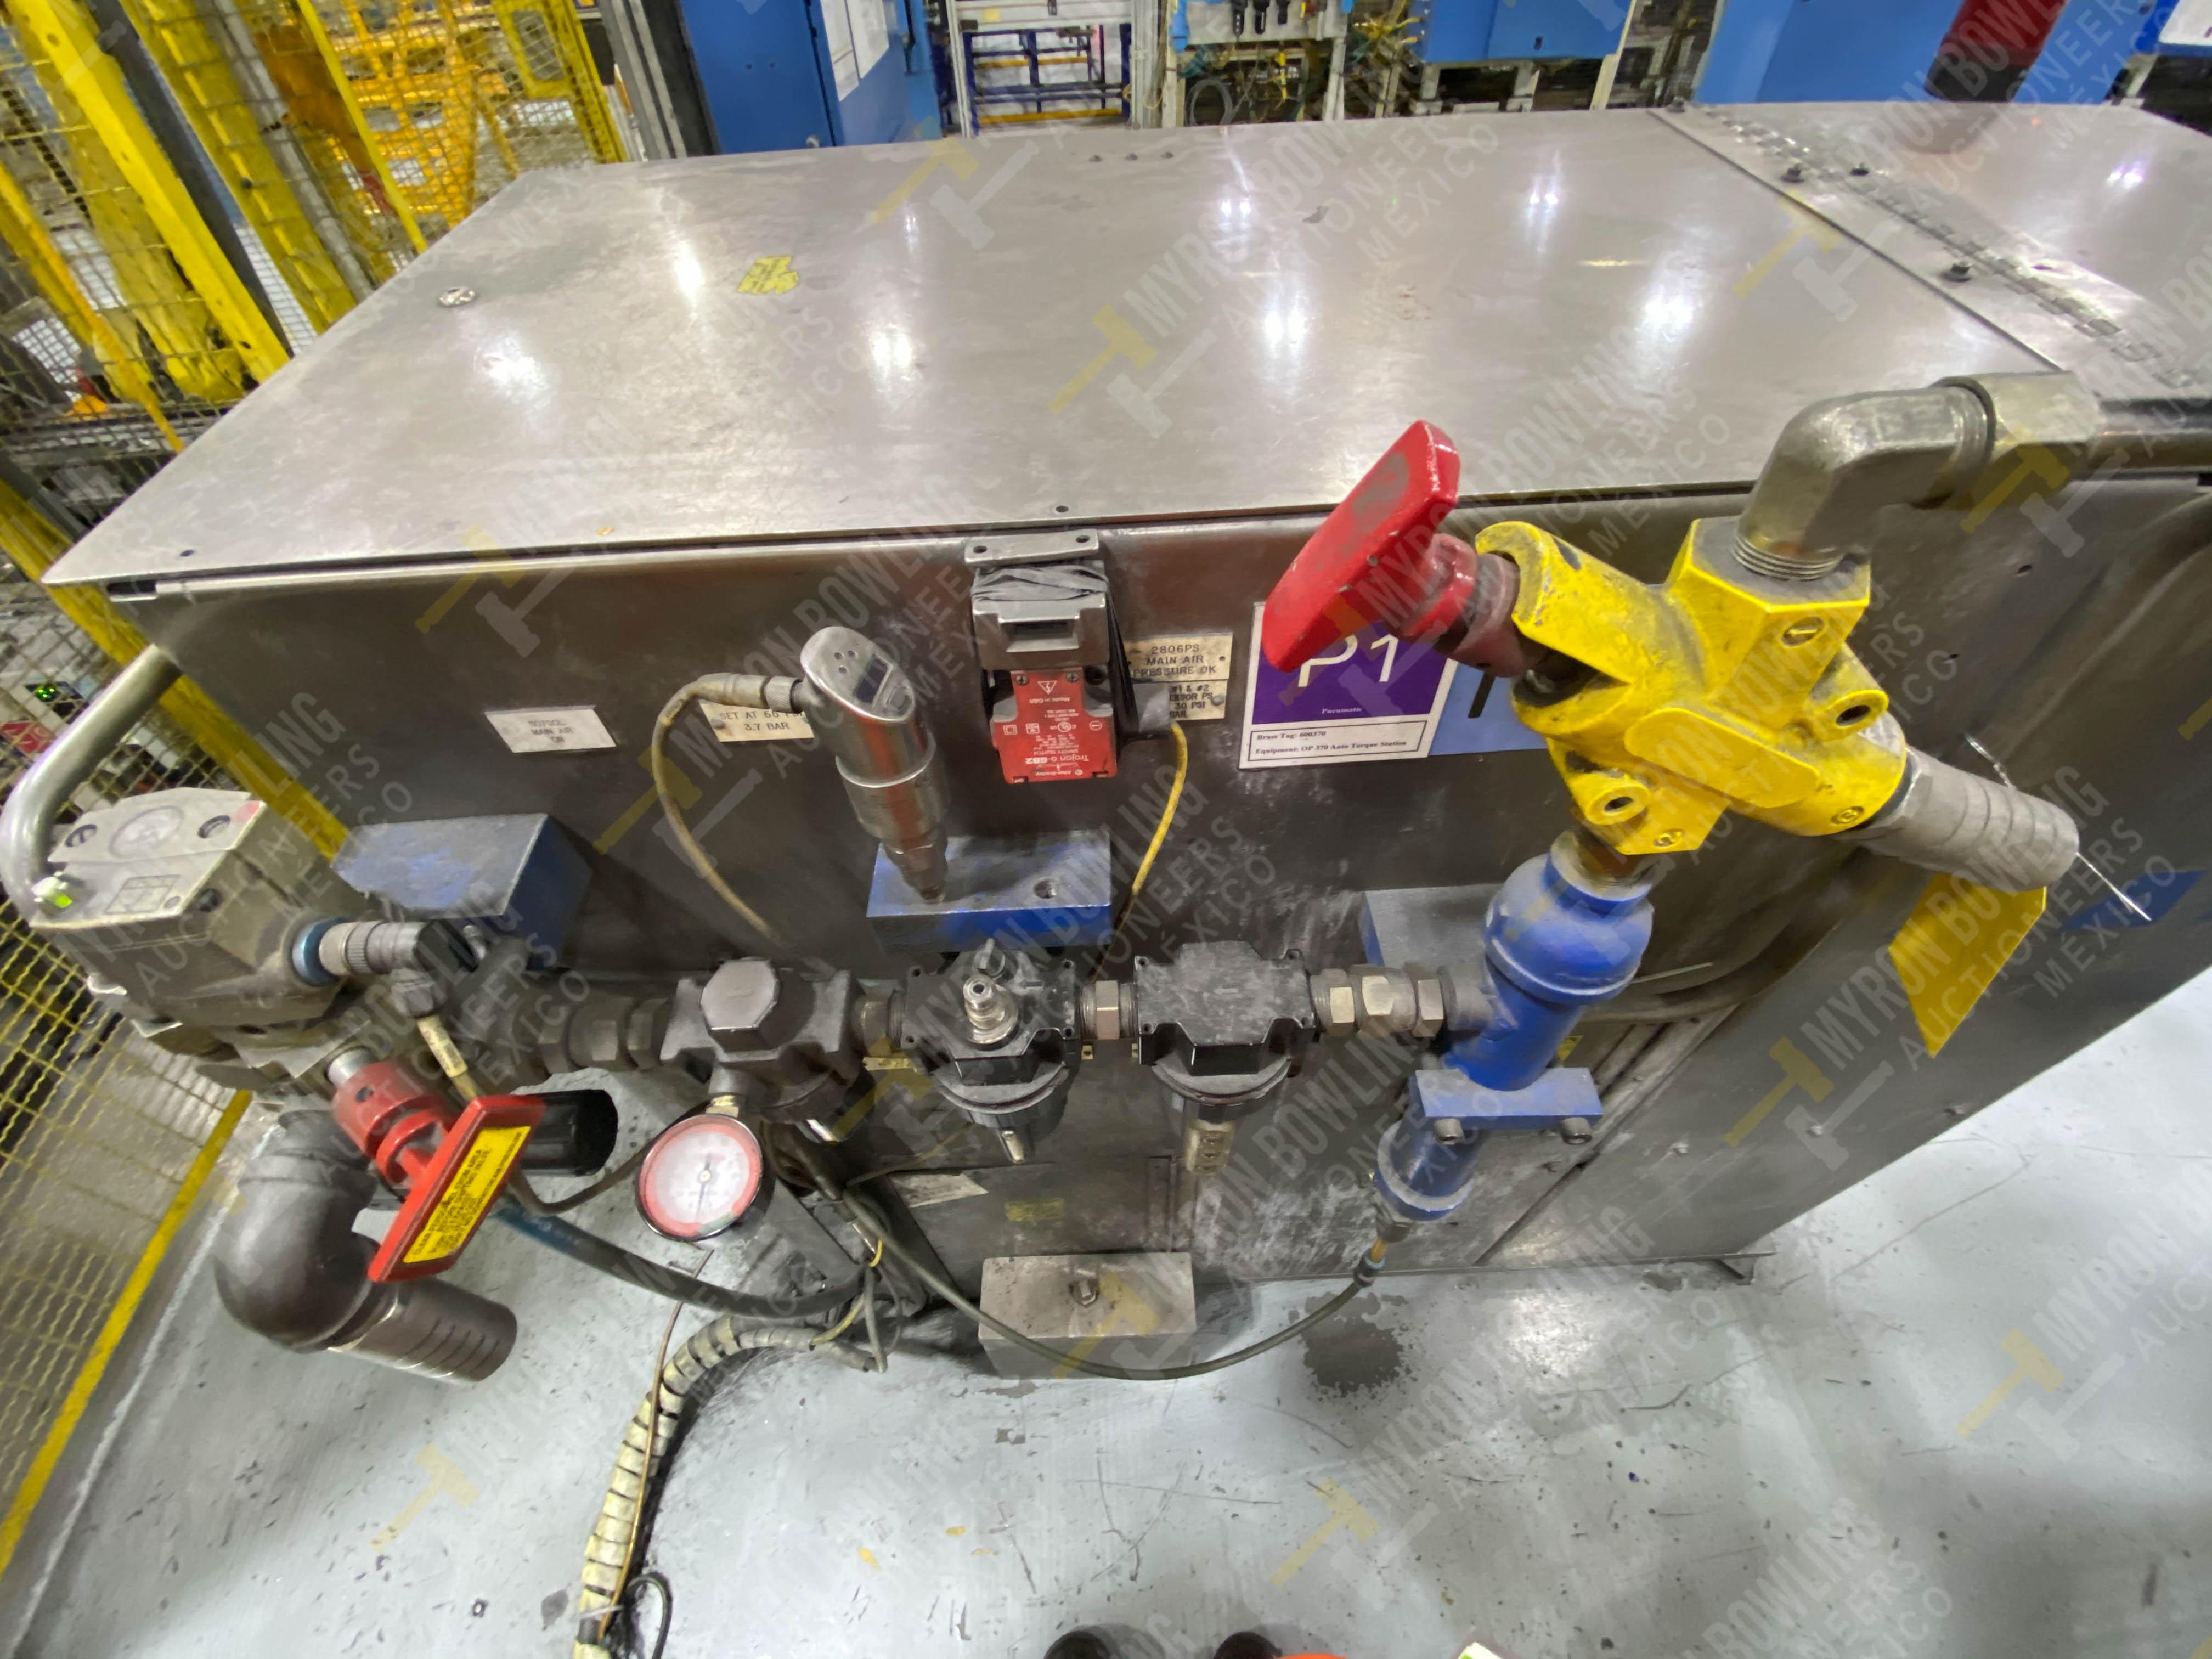 Robot con capacidad de carga de 15-30 Kg, controlador de robot y teach pendant - Image 10 of 17